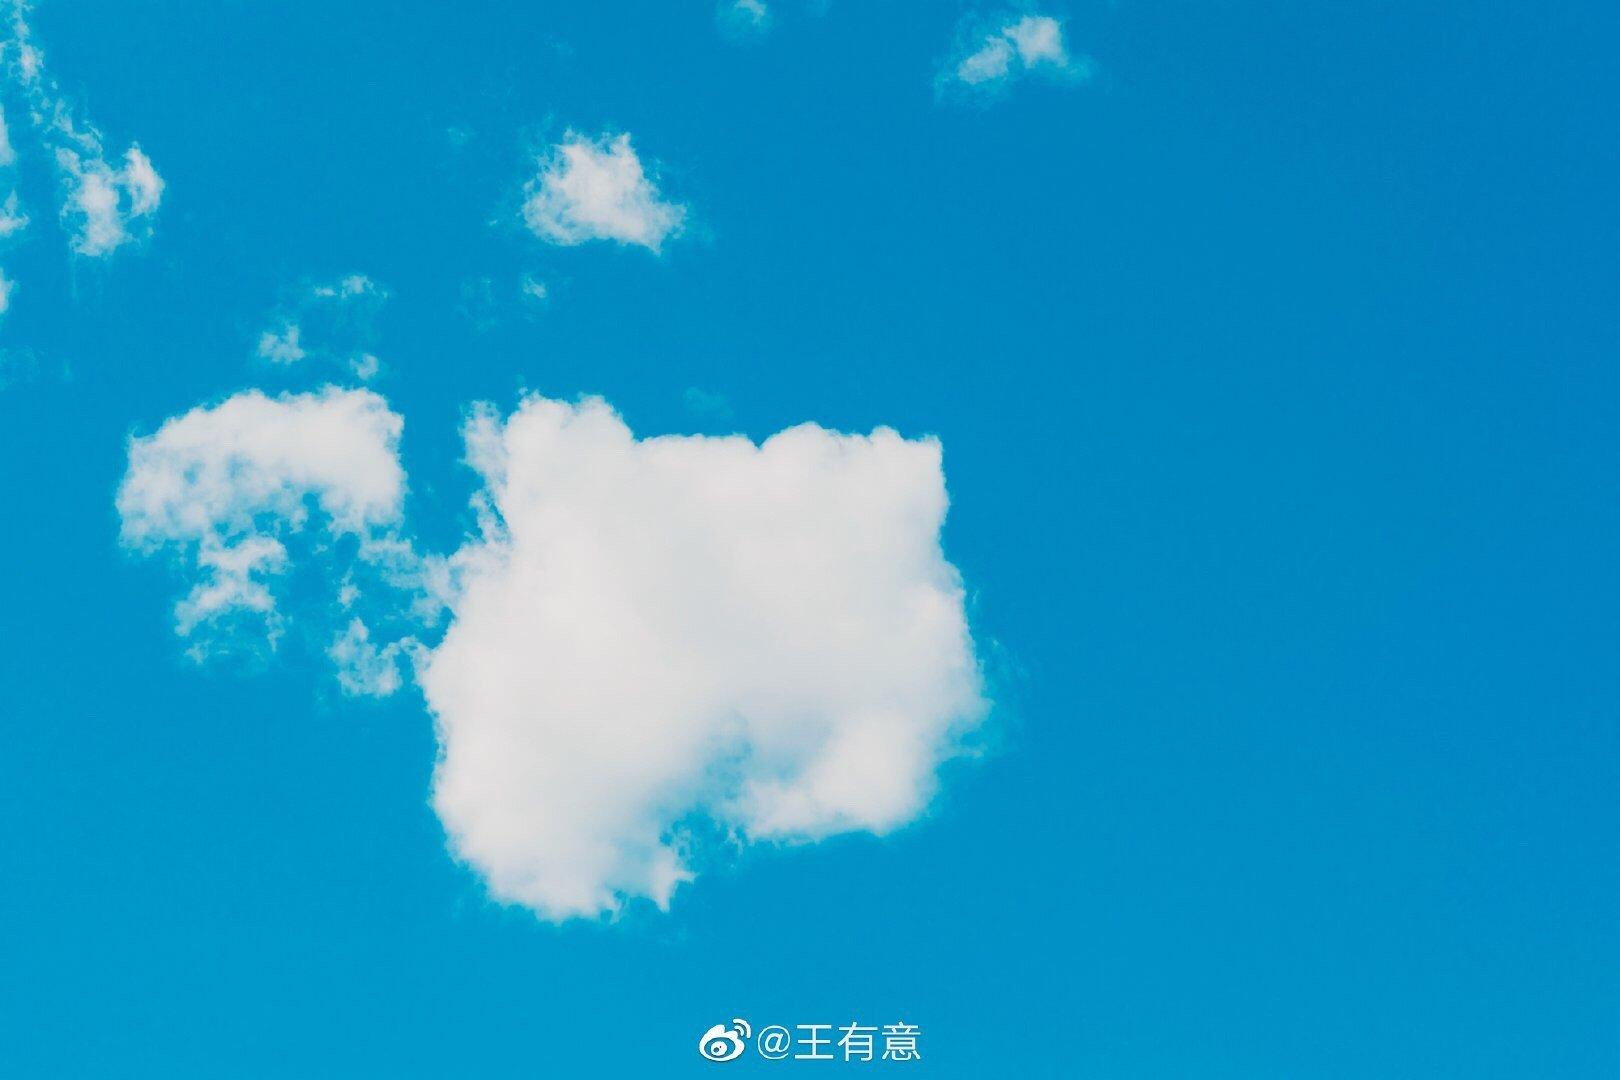 一抹海之蓝尤记这夏天摄影作者:@王有意